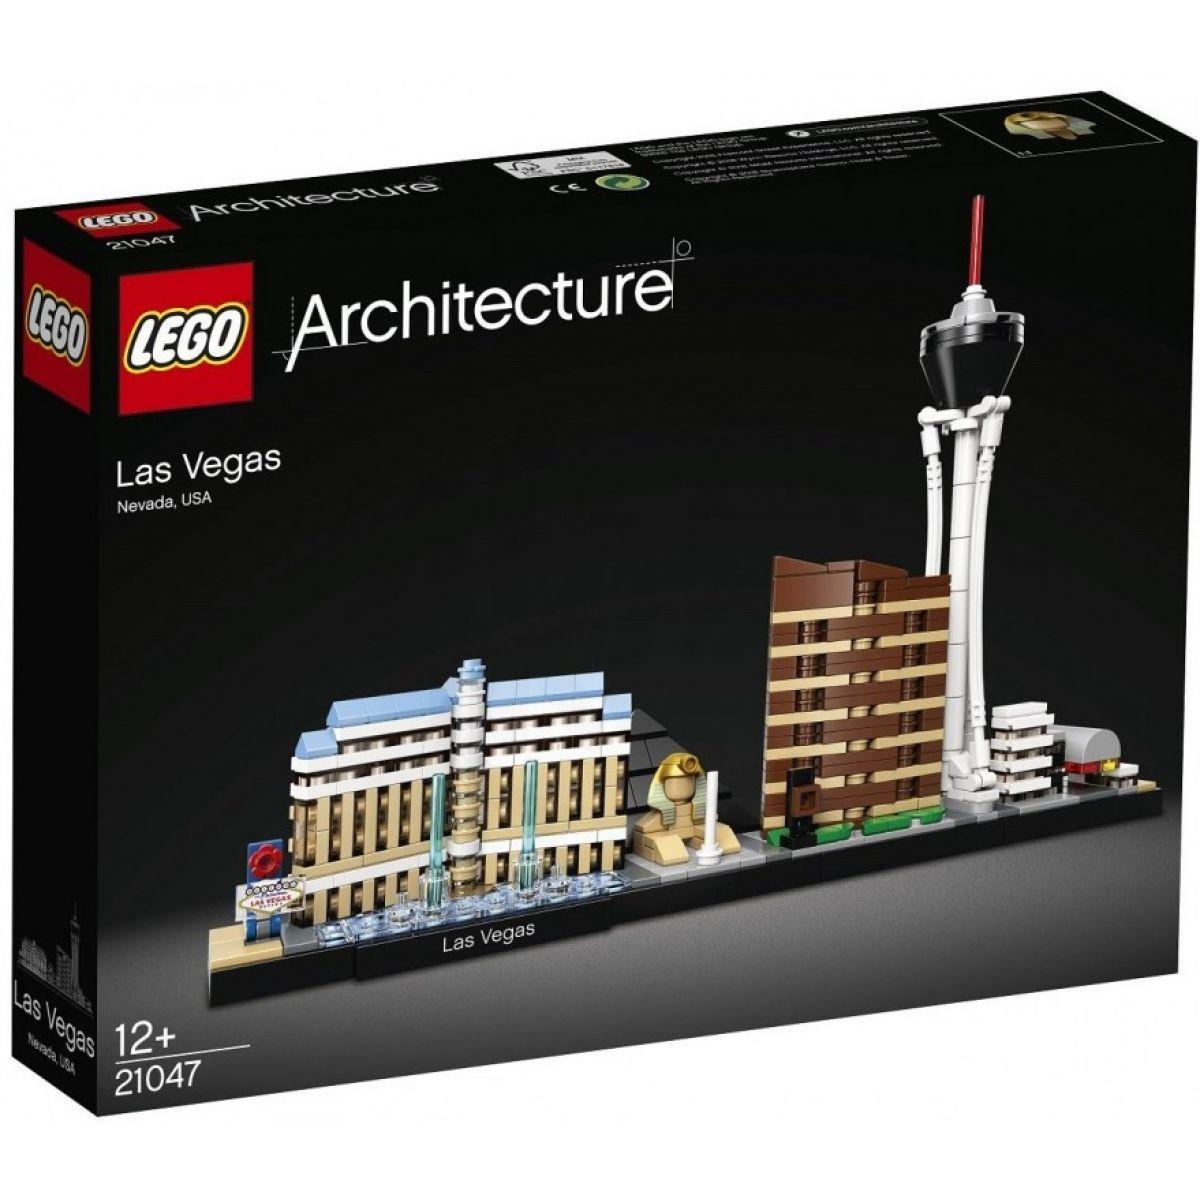 b96e3e7802c LEGO Architecture 21047 Las Vegas